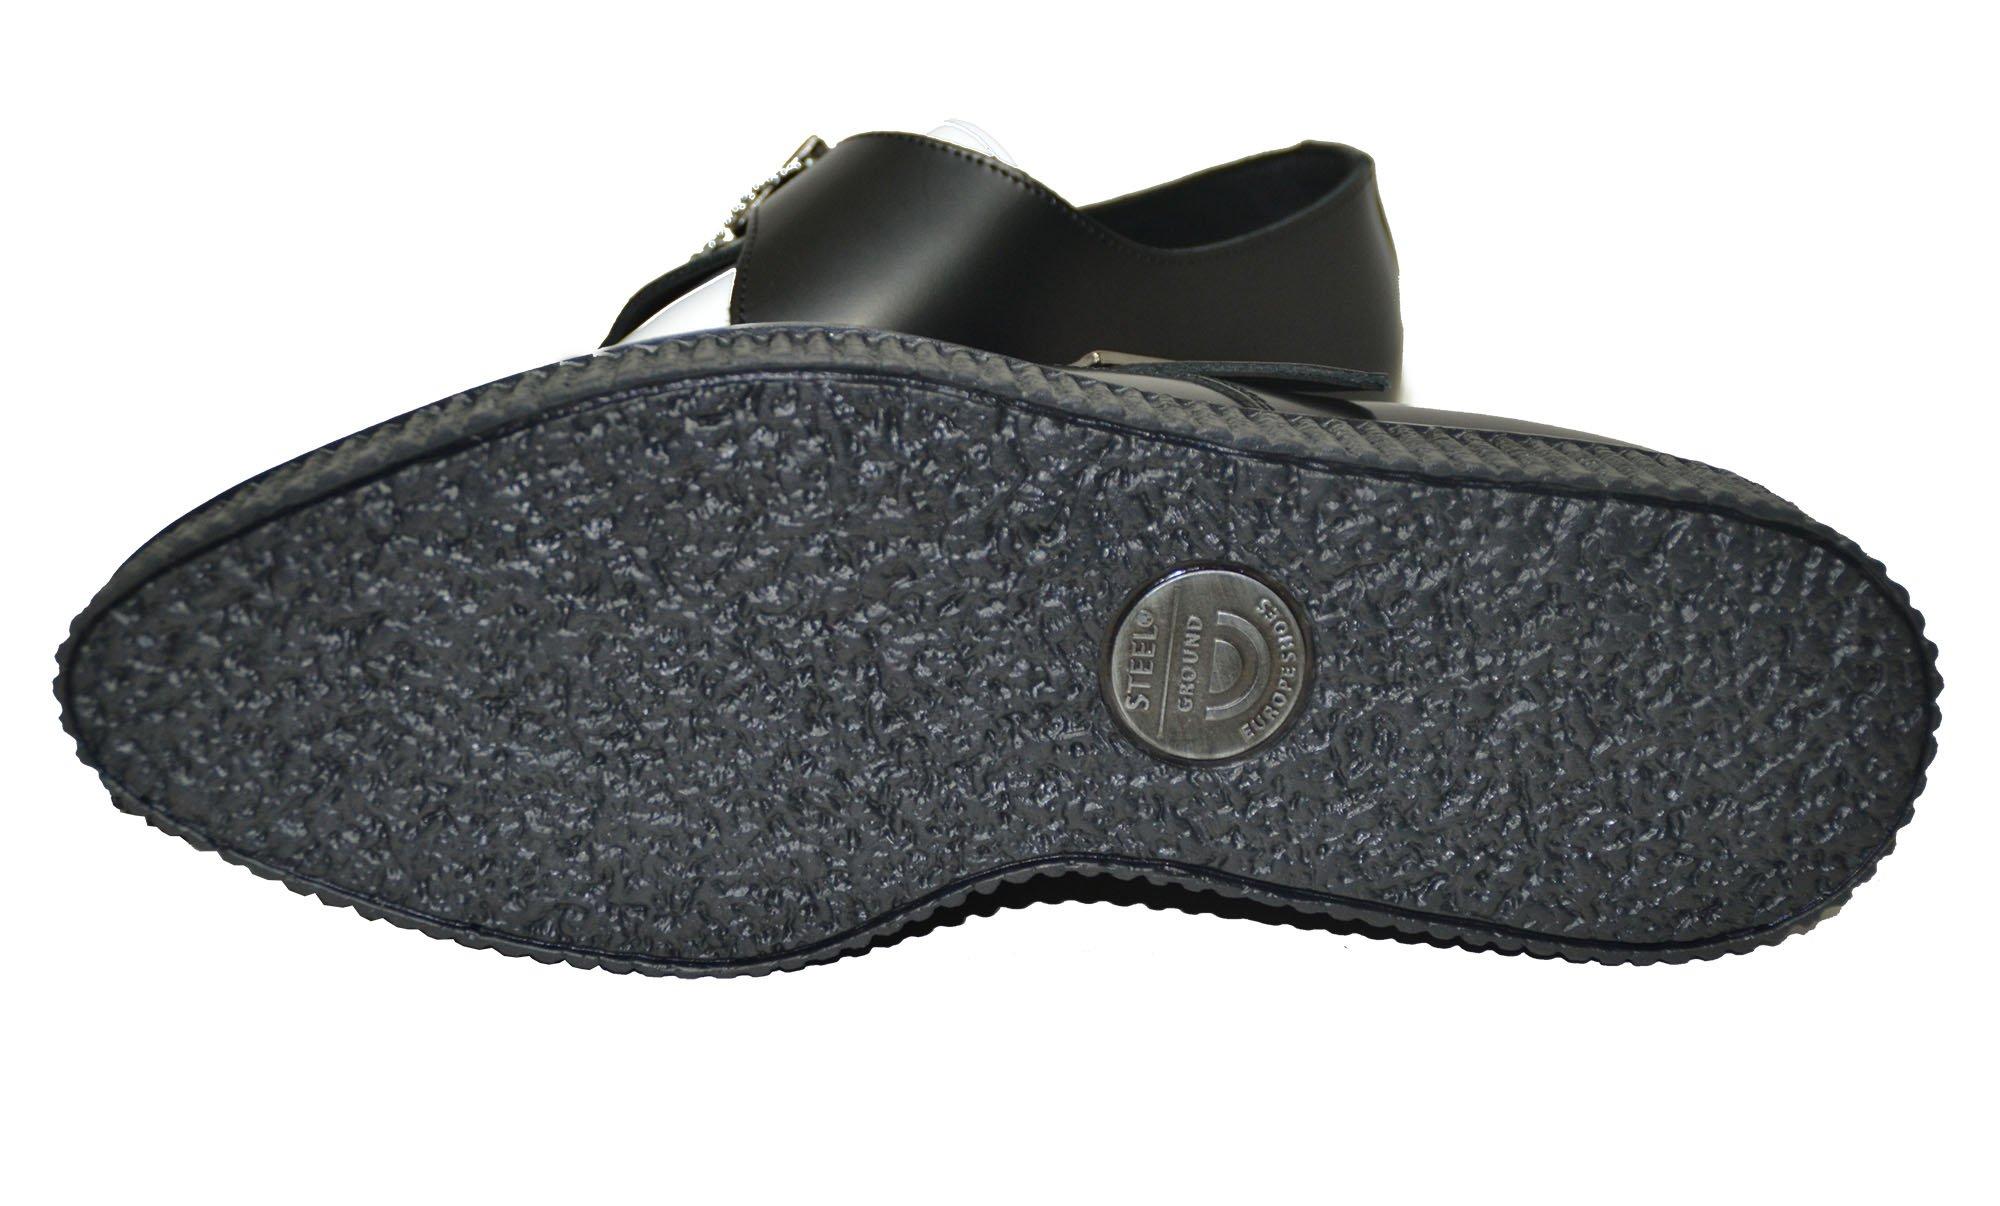 Sapato creeper pointed, com entrelaçado e fivela